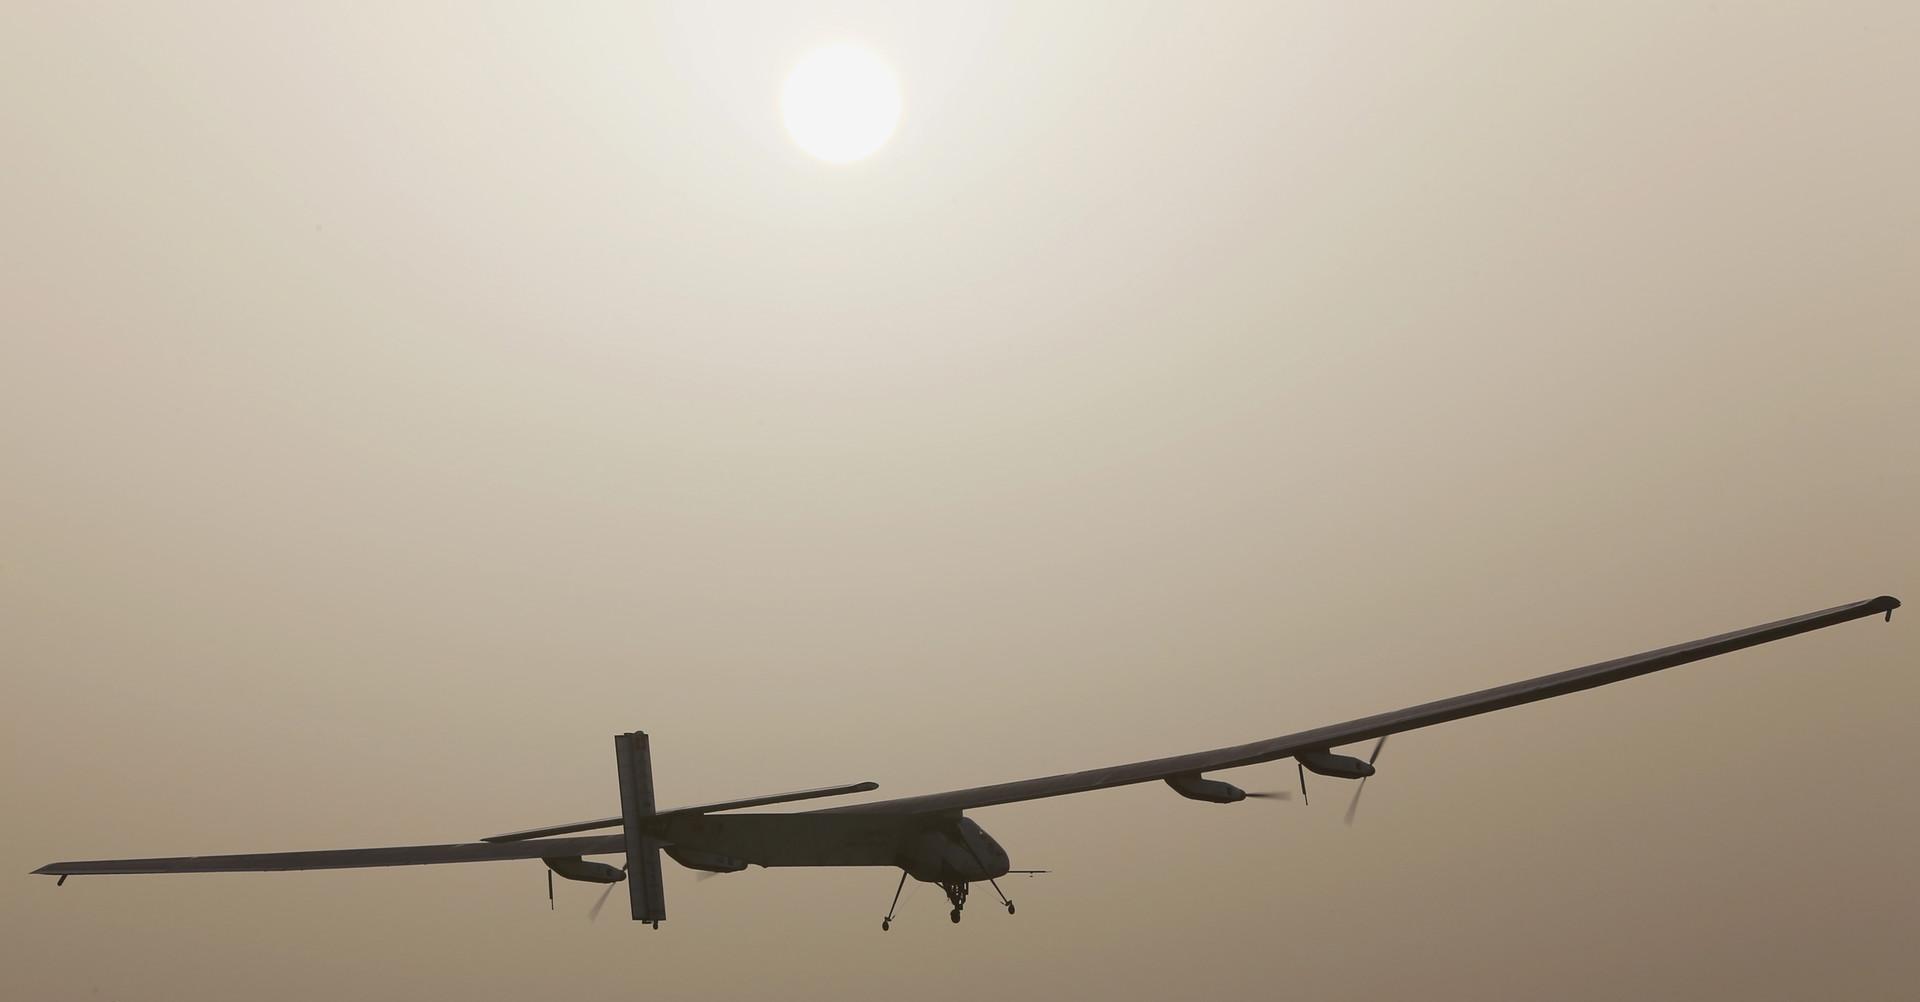 Вес 2,3 тонны, размах крыла 72 метра, количество солнечных батарей 17248, количество винтов 4